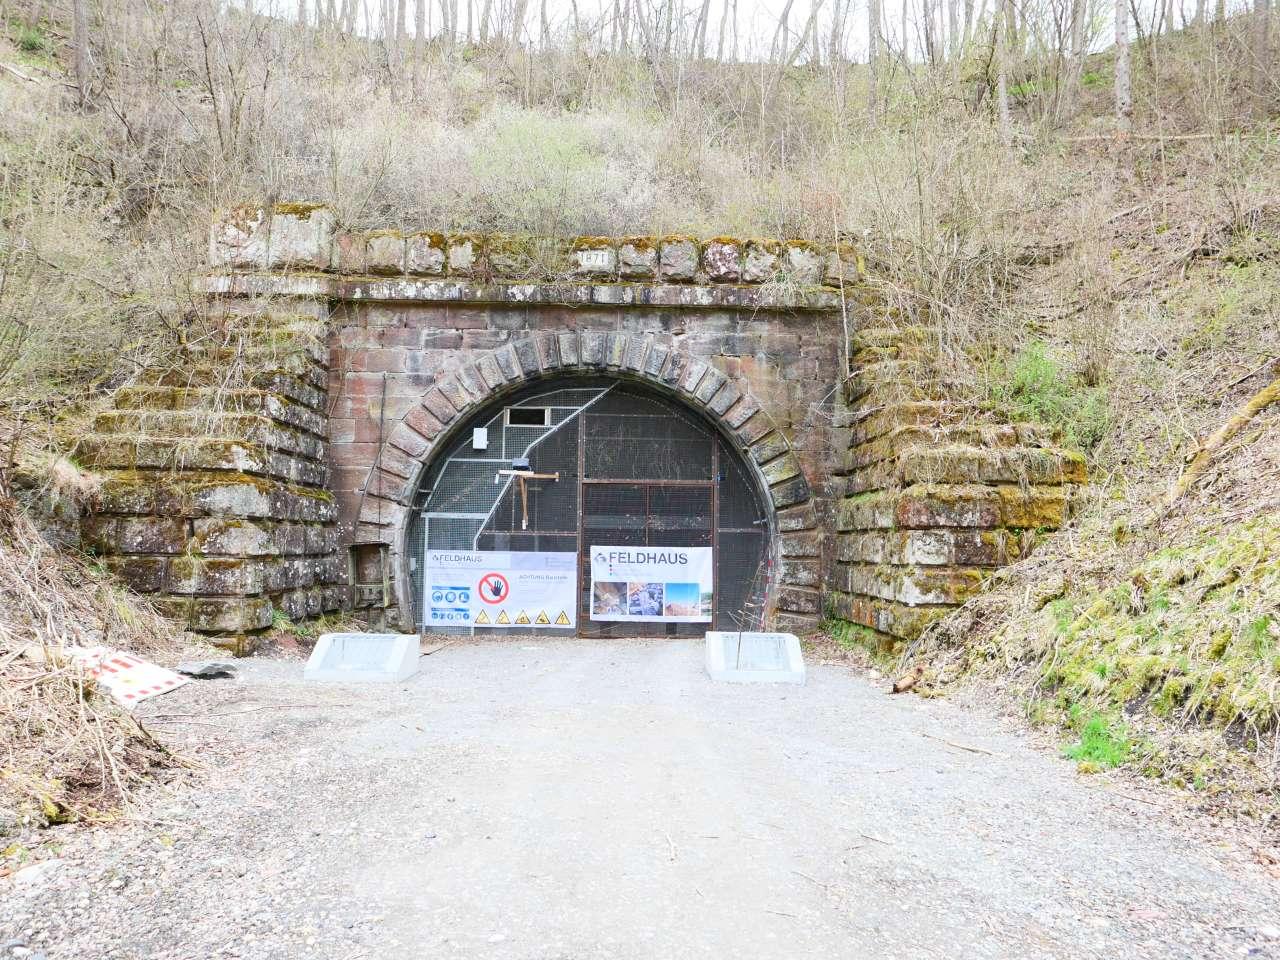 https://abload.de/img/3-19-tunnelportal3ybkjo.jpg